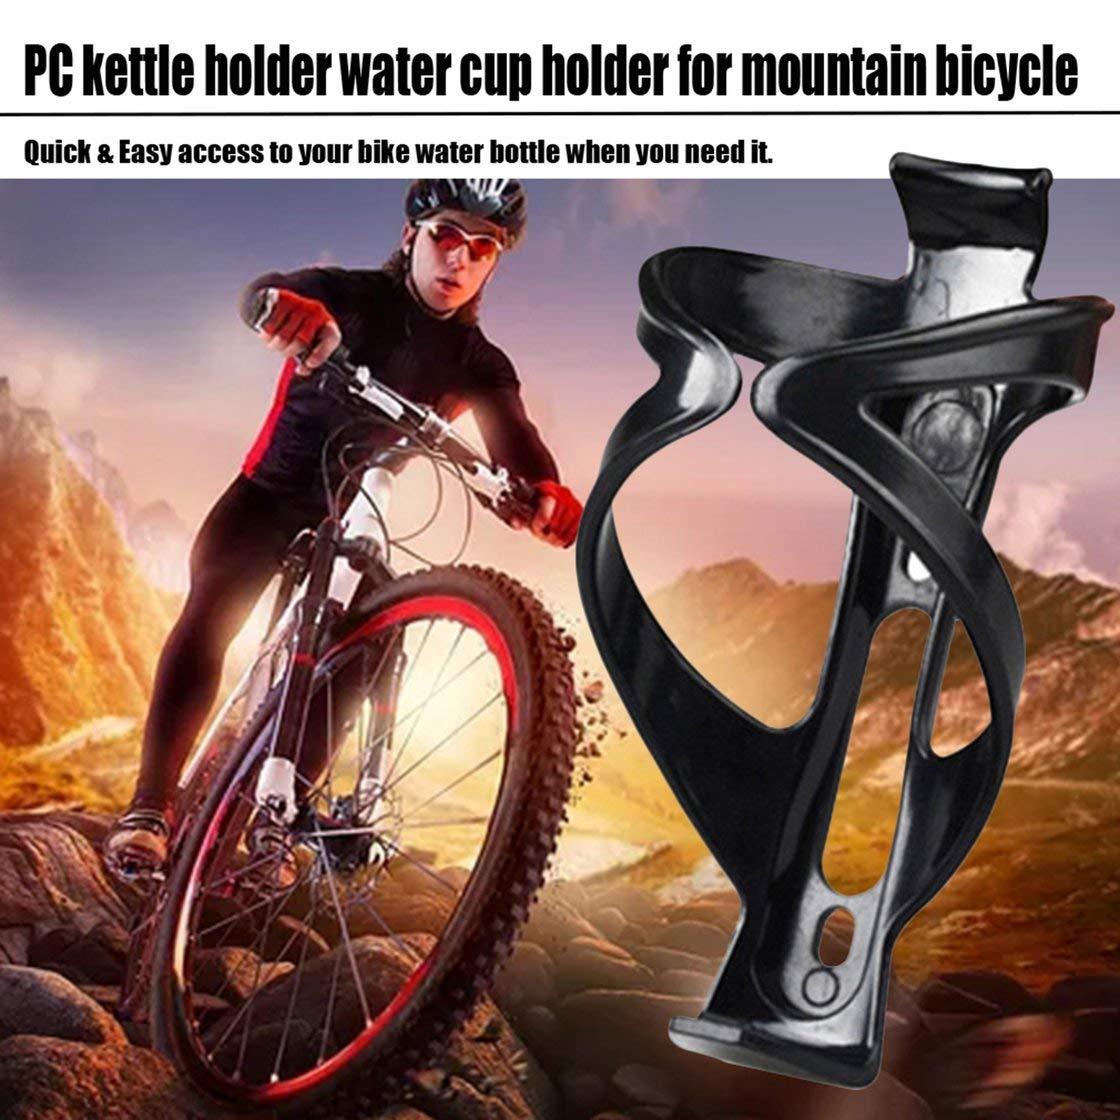 Gwendoll Soporte de Botella de Agua de Bicicleta de monta/ña de pl/ástico Estante de Botella de Bicicleta Taza de Ciclismo Barra de Botella montada Botellas Estante de sujeci/ón